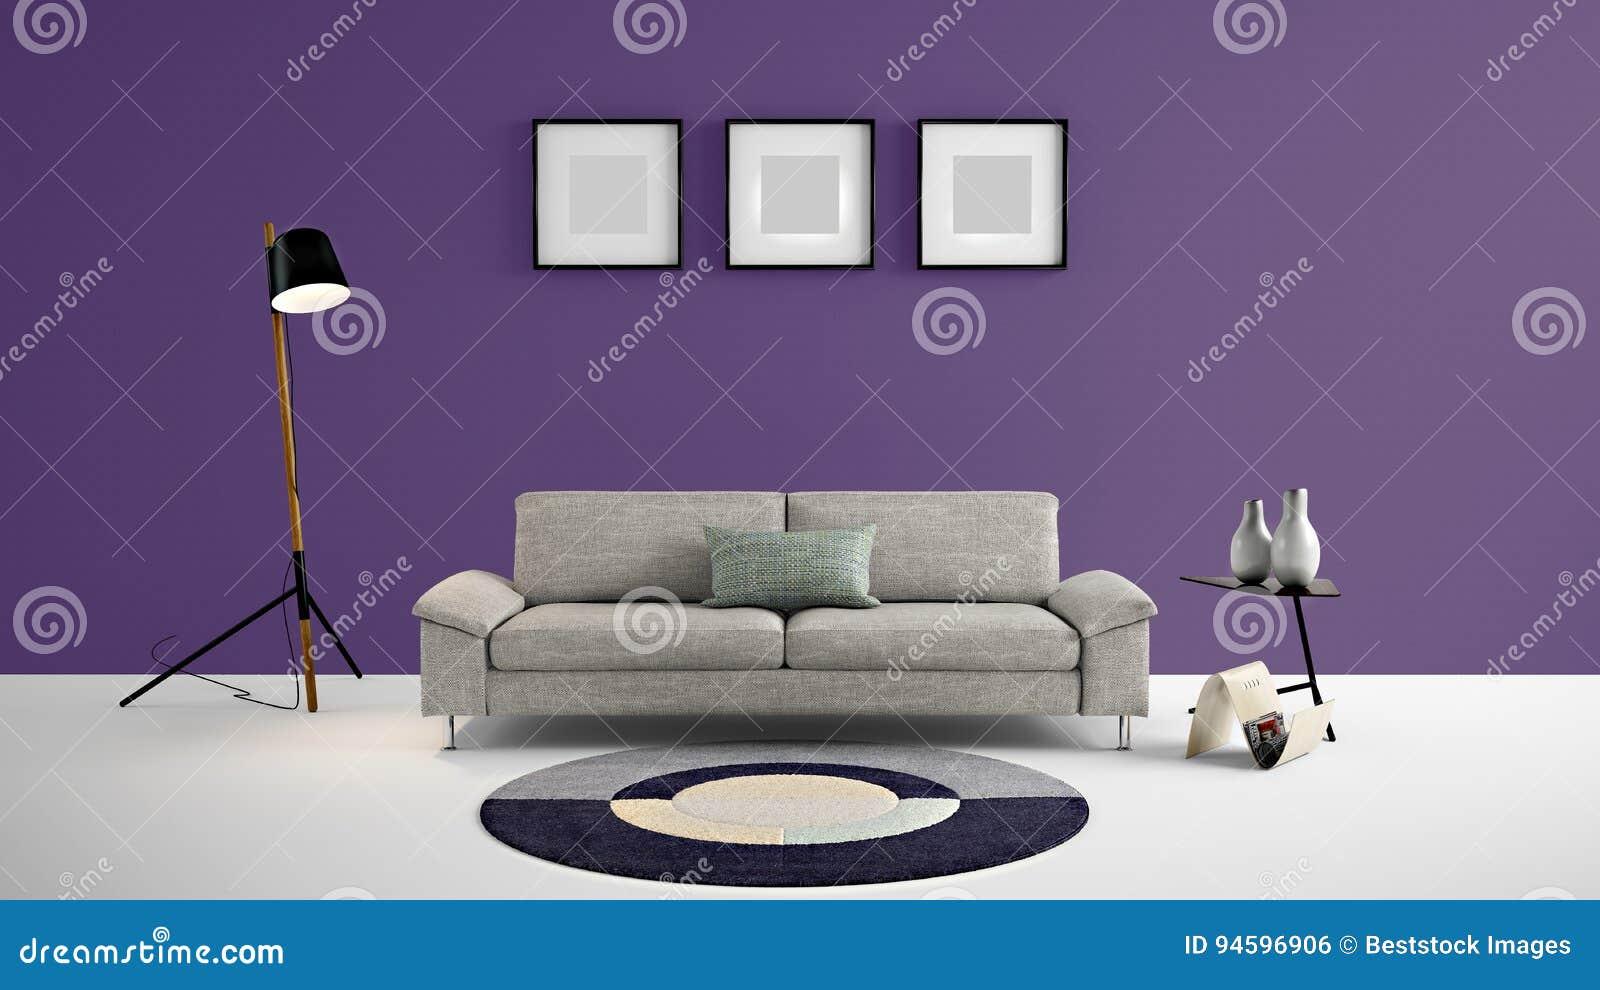 Высокая иллюстрация жилой площади 3d разрешения с темными фиолетовыми стеной цвета и мебелью дизайнера